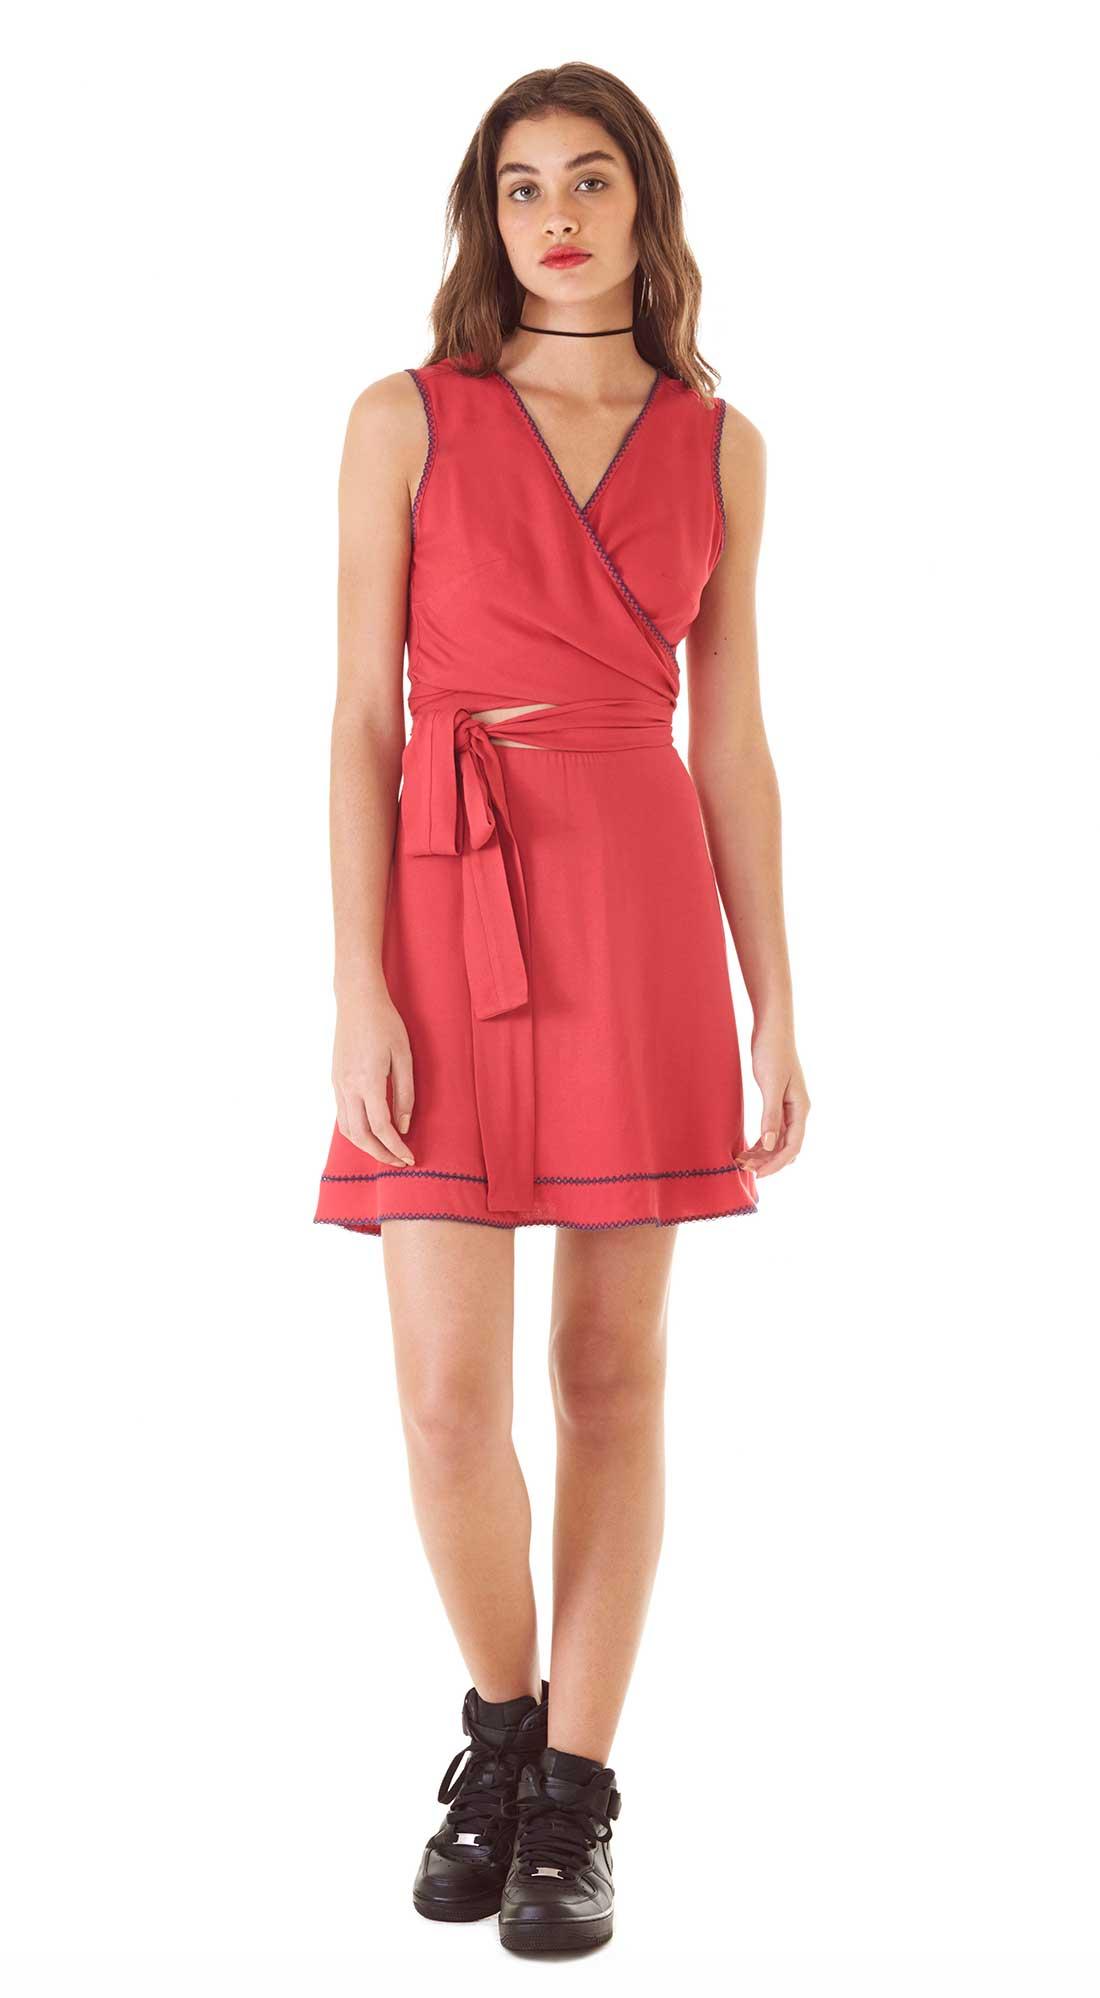 7363fc9f1c Vestido Curto Decote V Costura Marcada Vermelho - Zinco